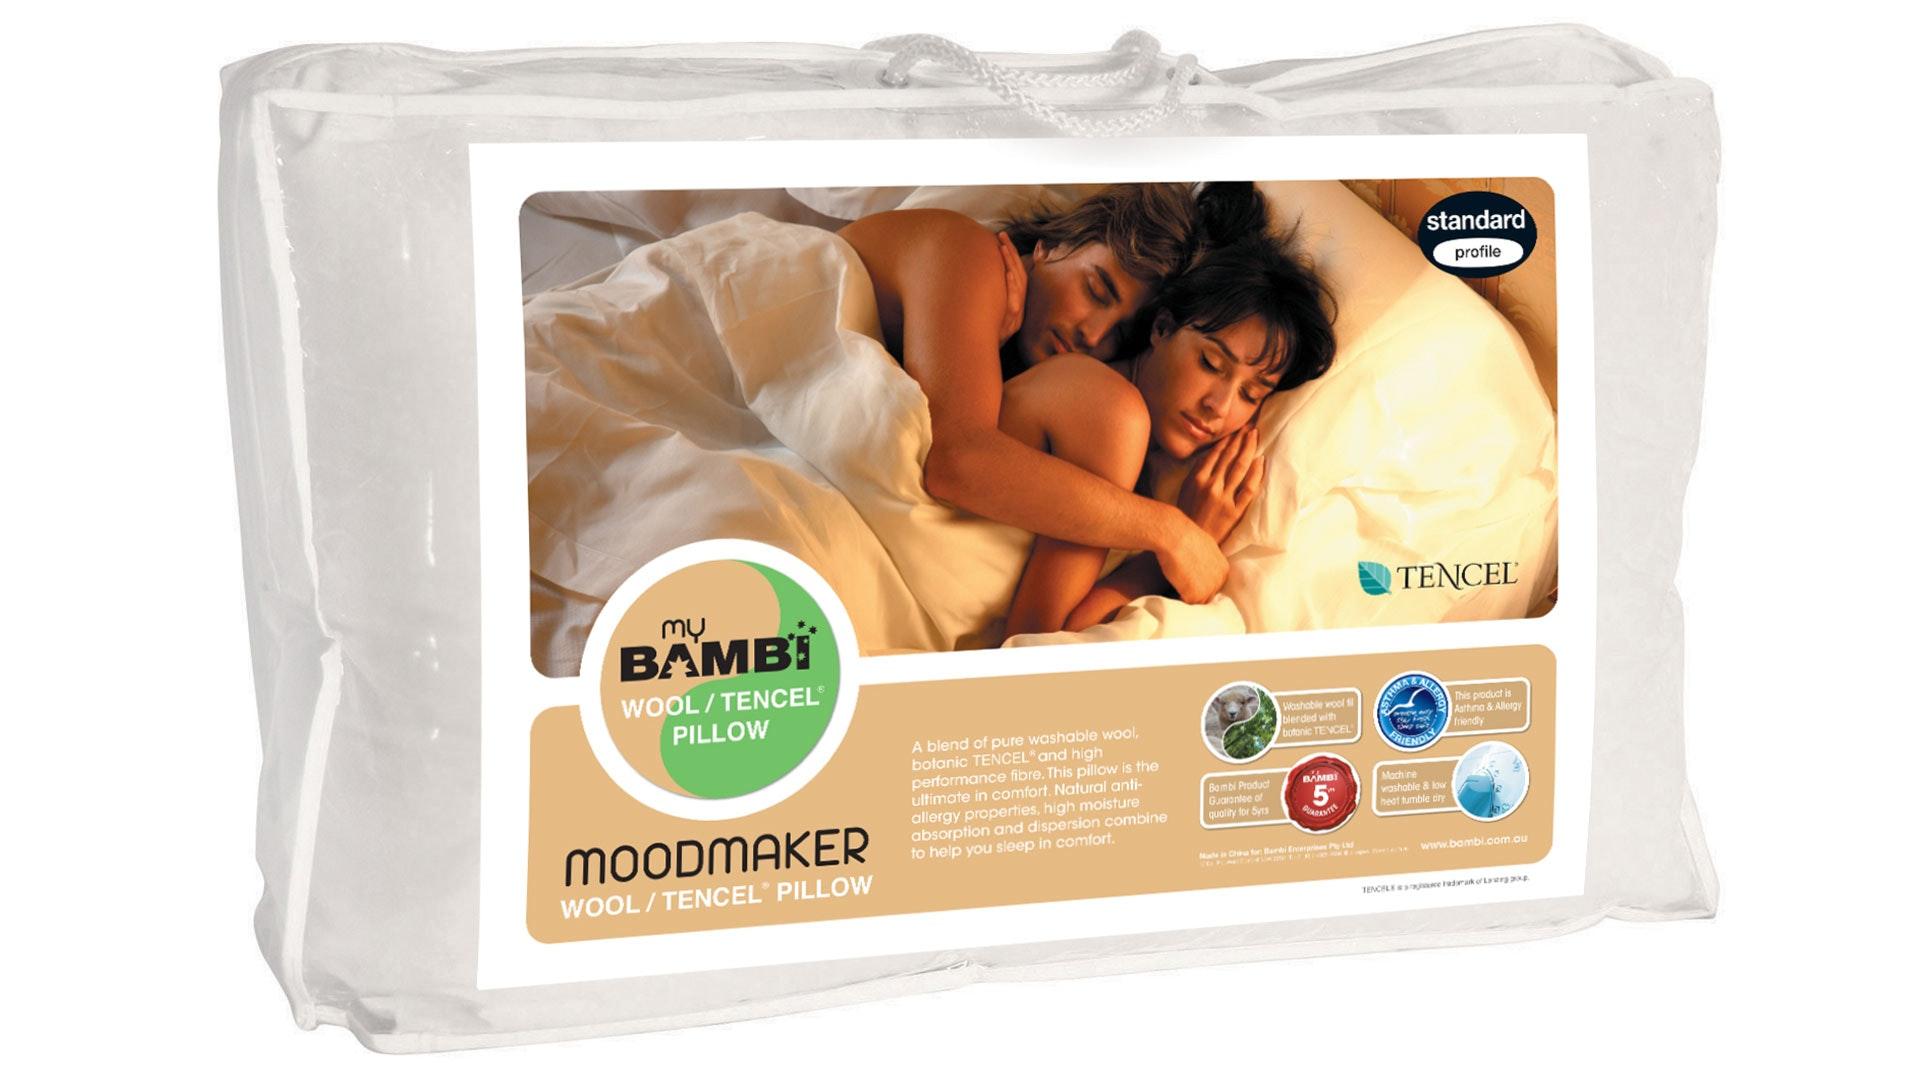 Moodmaker Wool Tencel Blend Pillow by Bambi